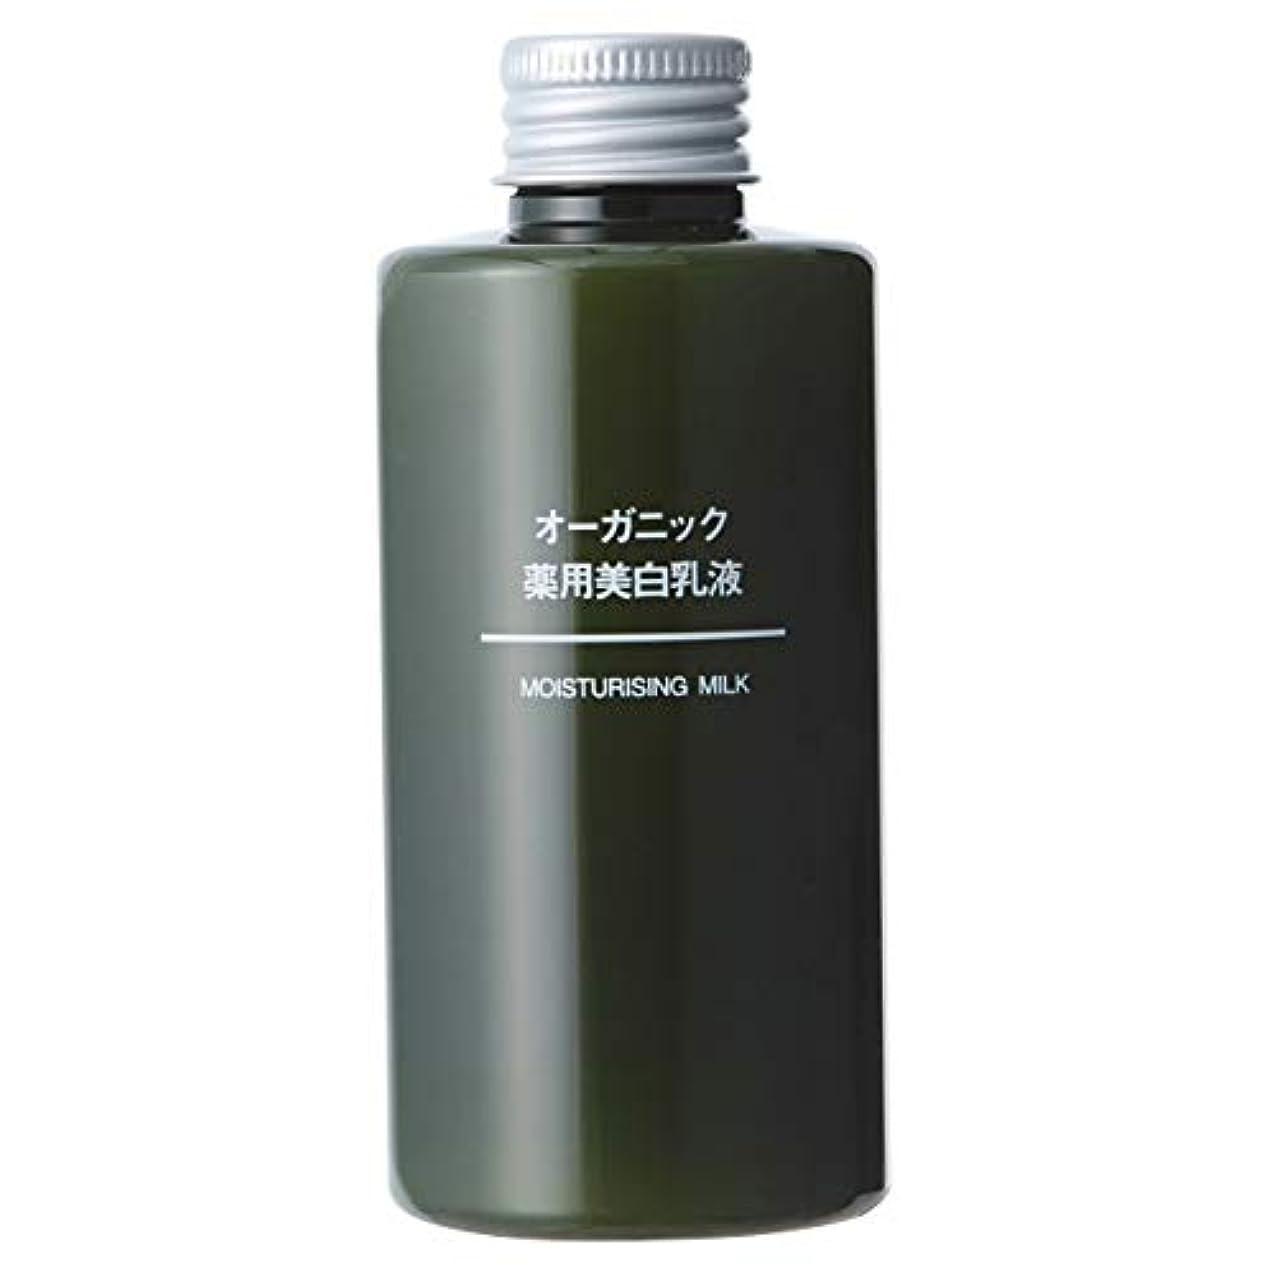 アンドリューハリディルーフ海岸無印良品 オーガニック薬用美白乳液 (新)150ml